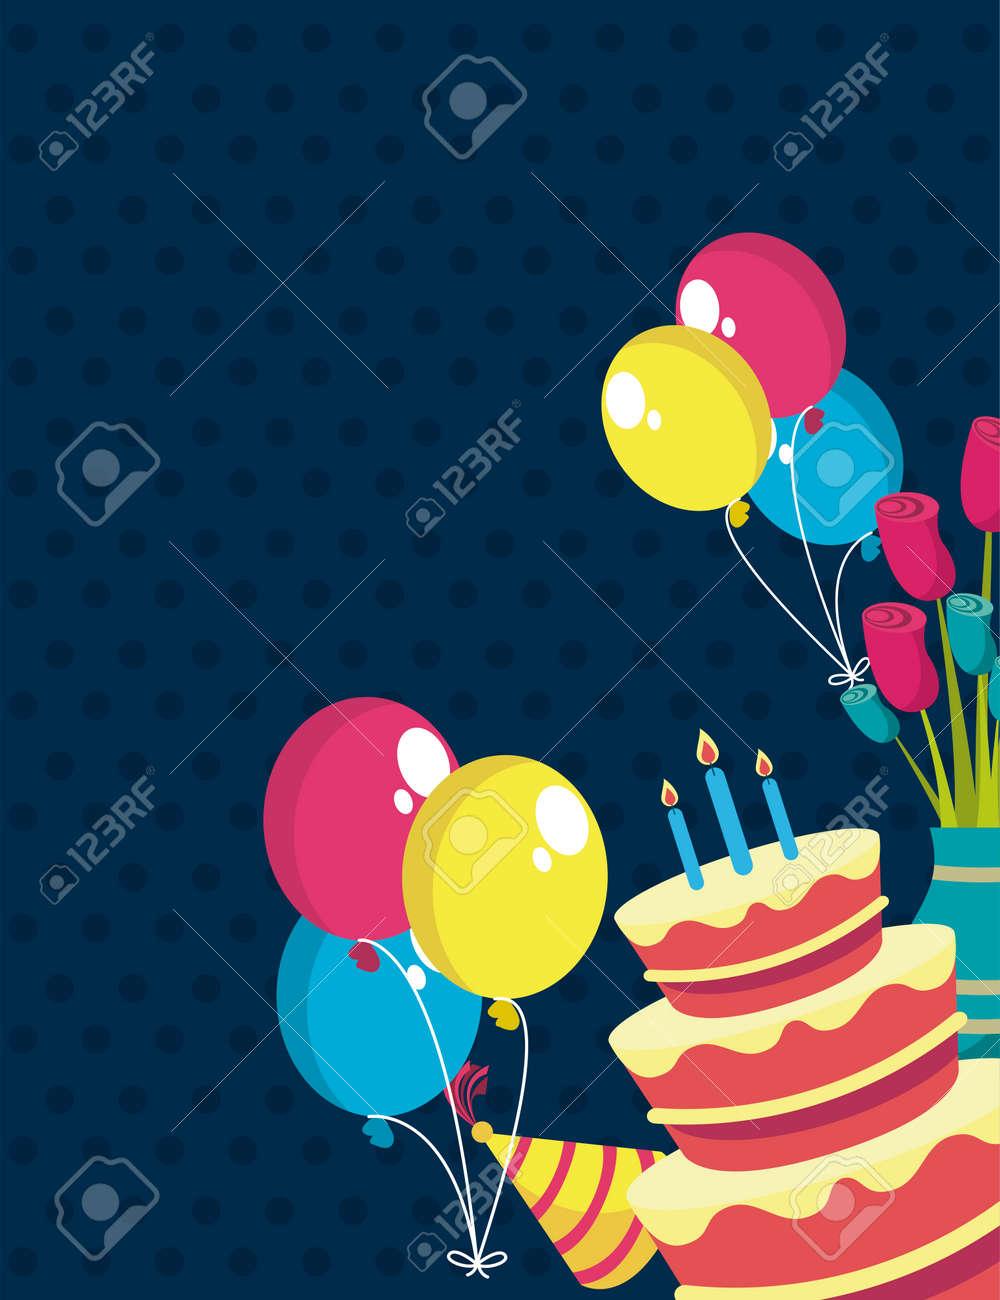 happy birthday party set icons - 165208737